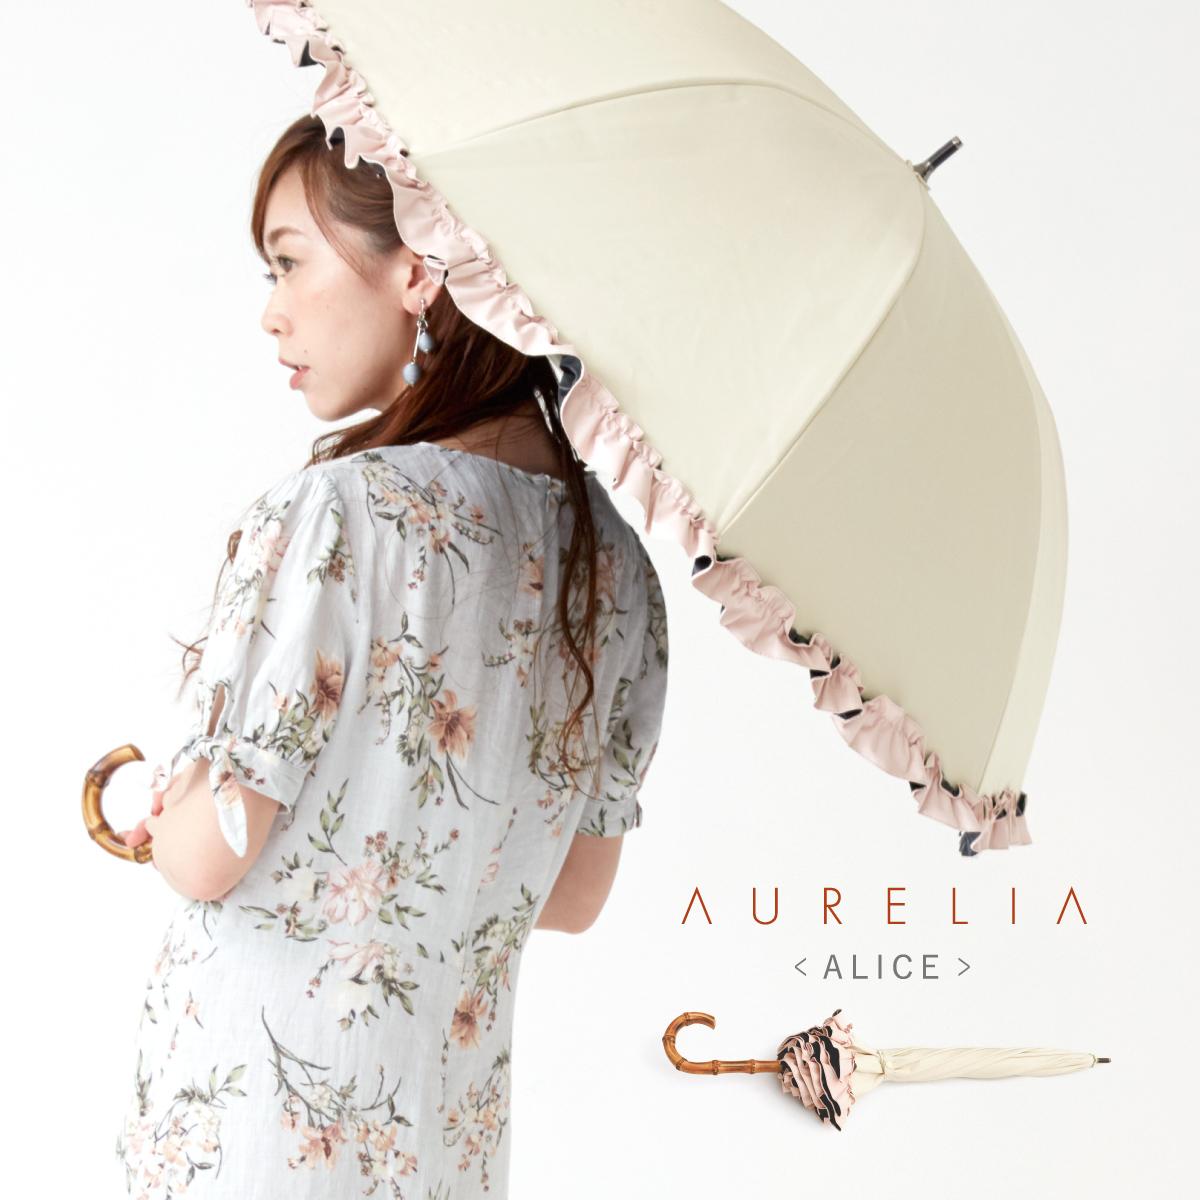 AURELIA ALICE【100%遮光】 【送料無料】晴雨兼用 紫外線遮蔽 UVカット 日傘 フリル 55cm